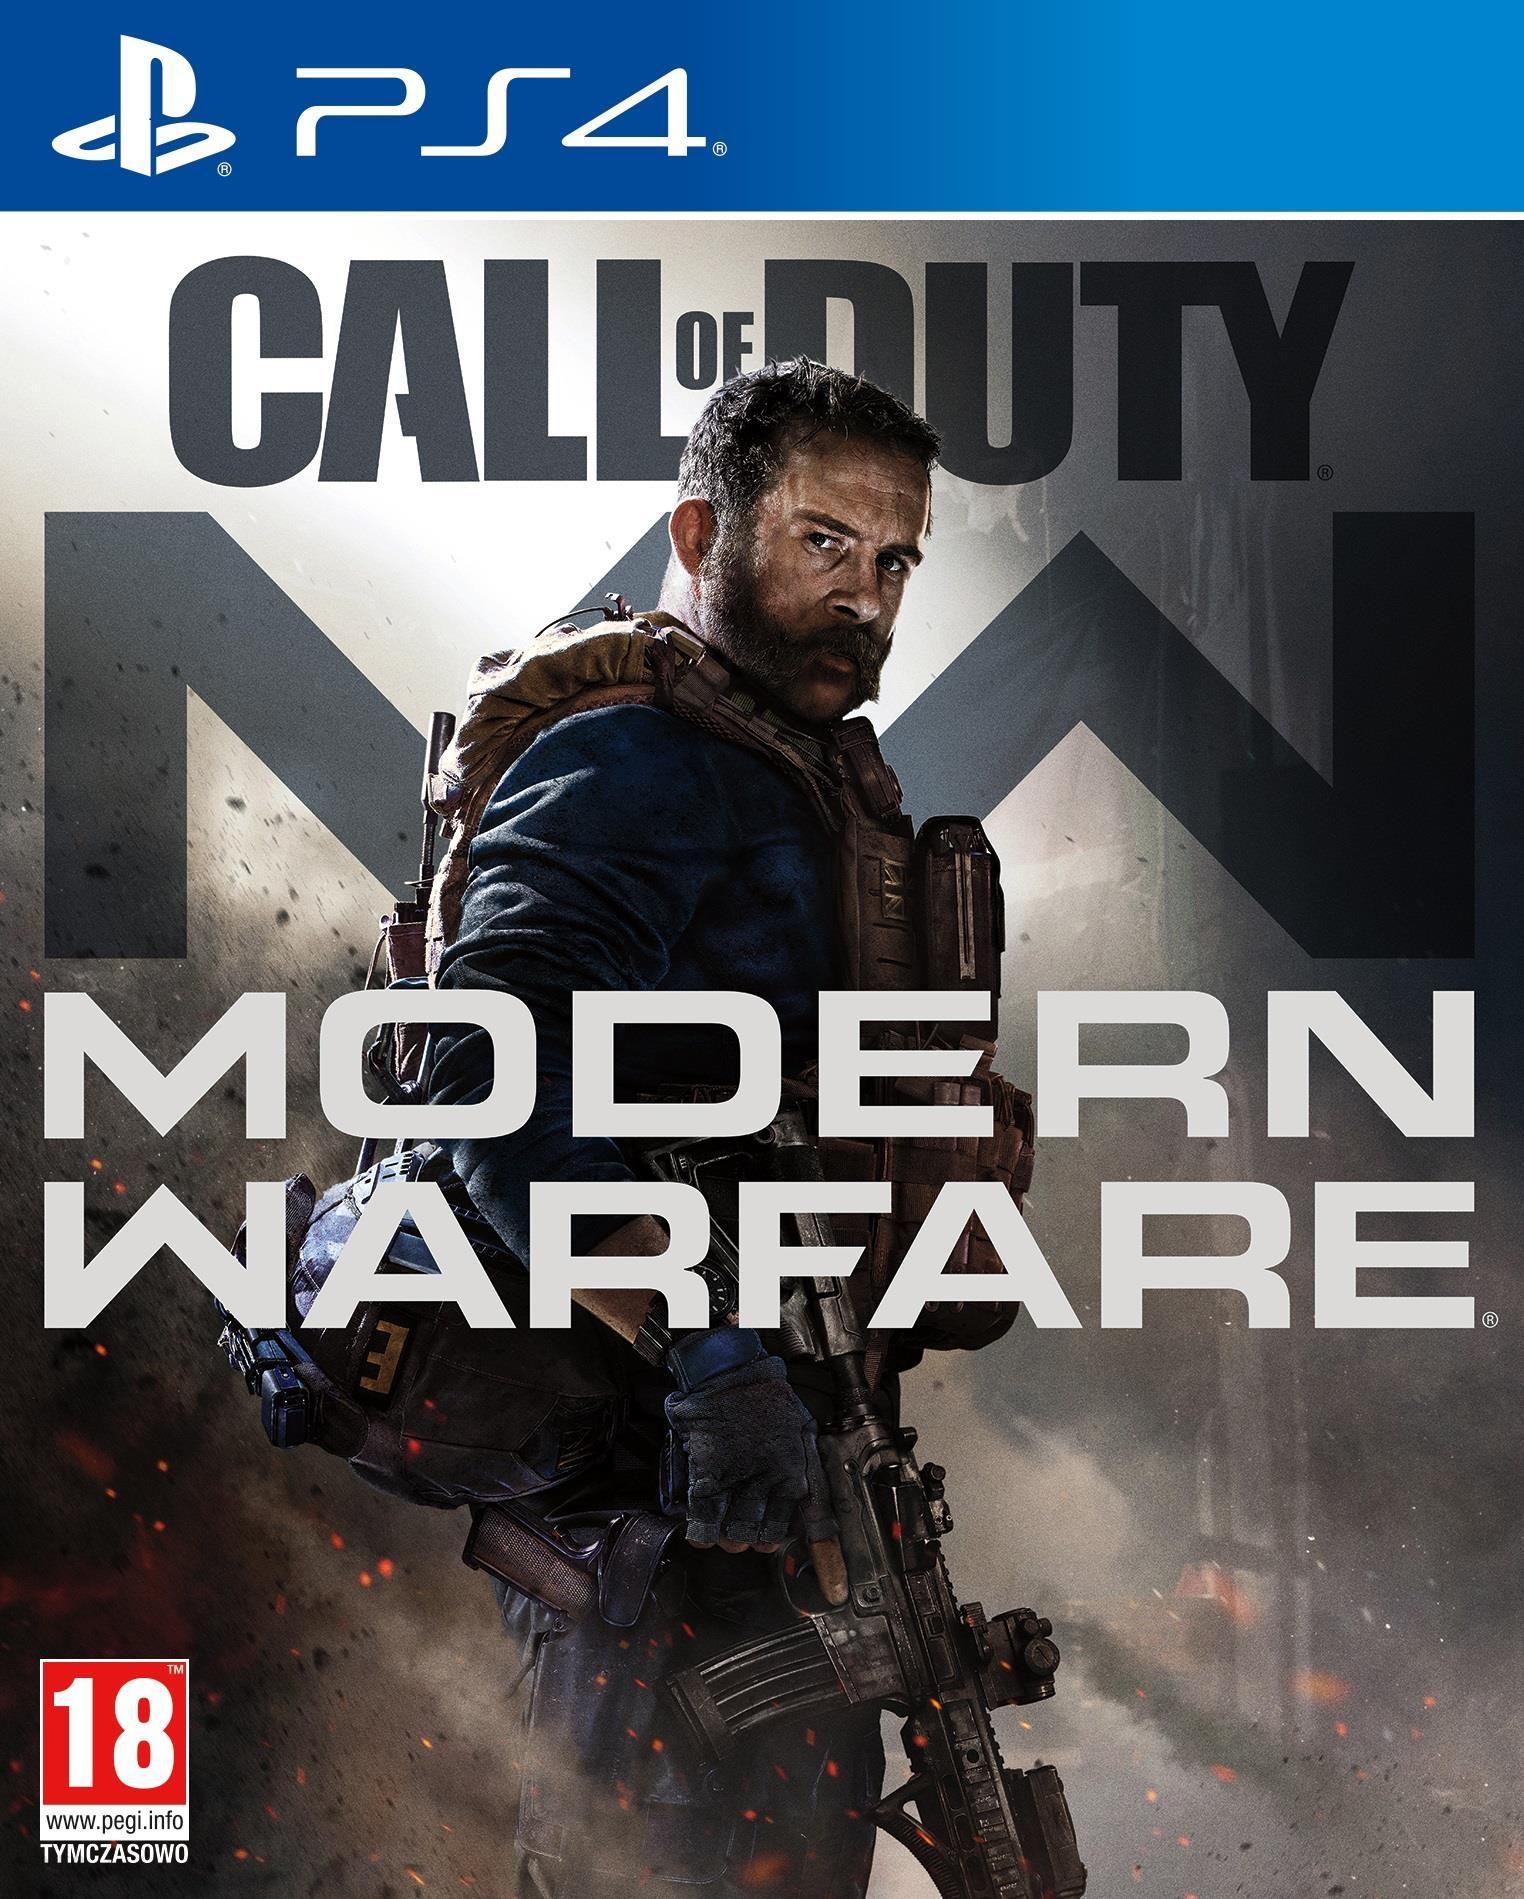 Call of duty Modern Warfare PlayStation 4 (trzeba kupić przez Ceneo)